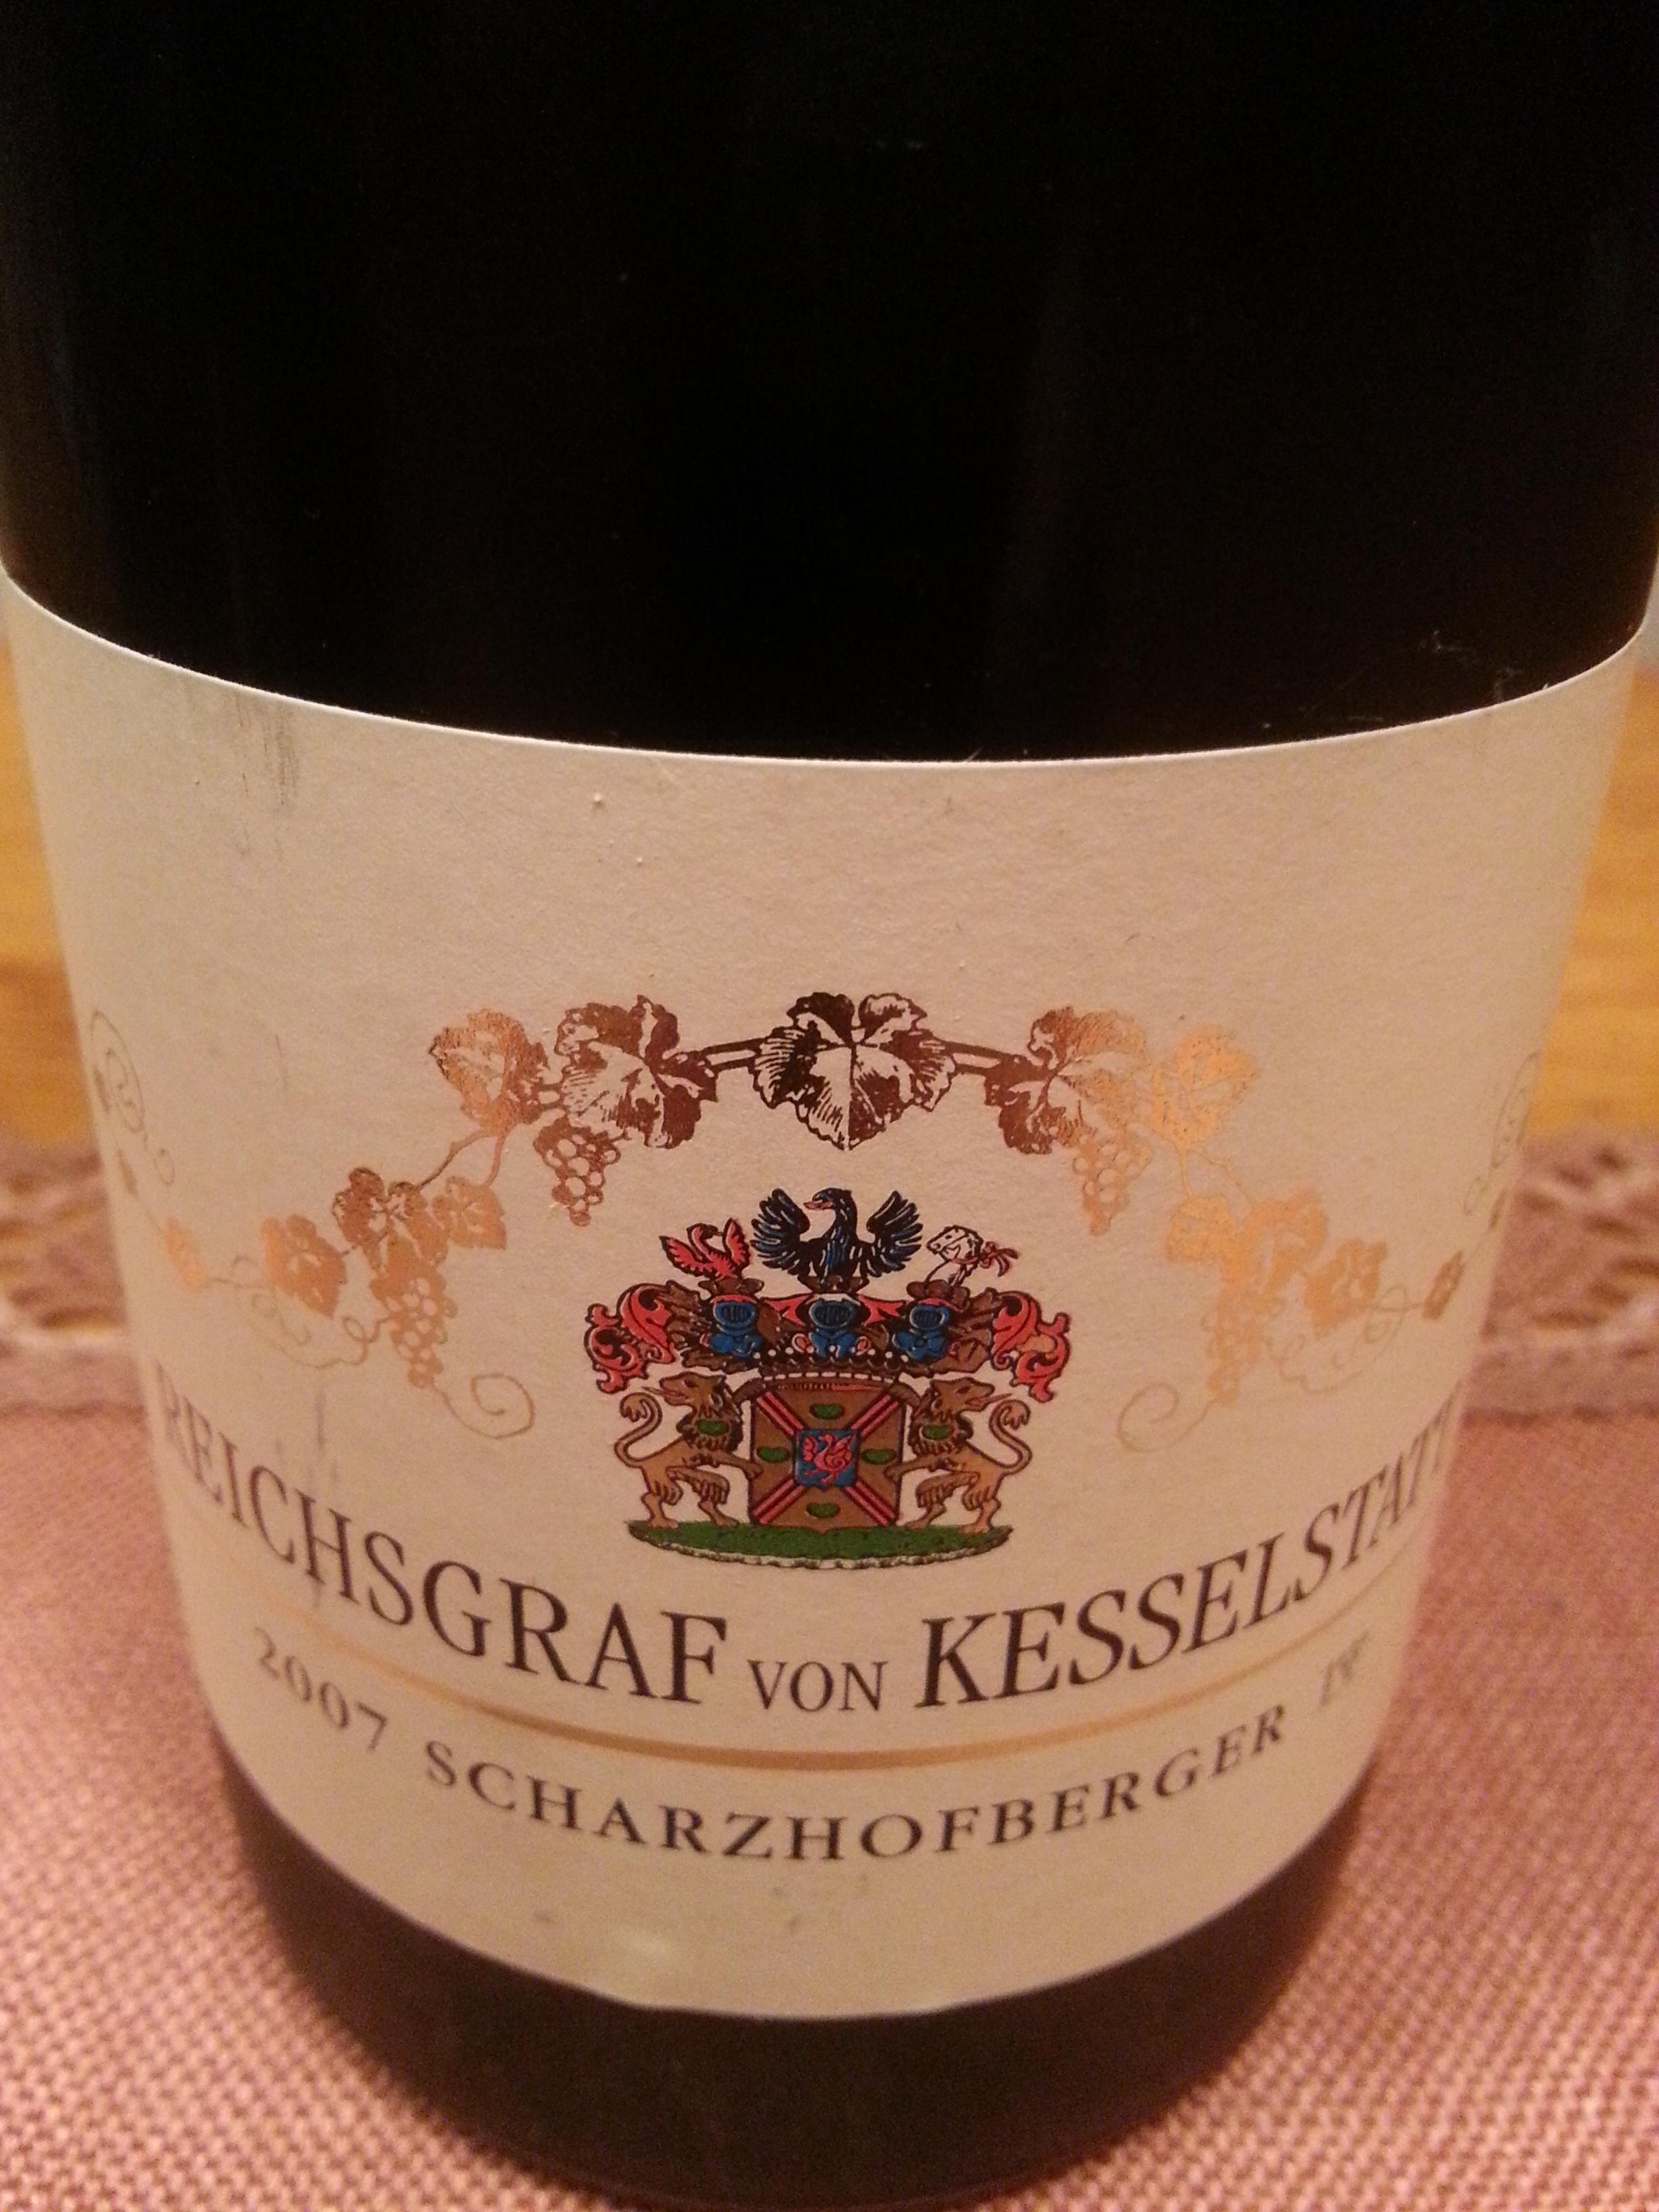 2007 Riesling Scharzhofberger 1.G |  Reichsgraf von Kesselstatt